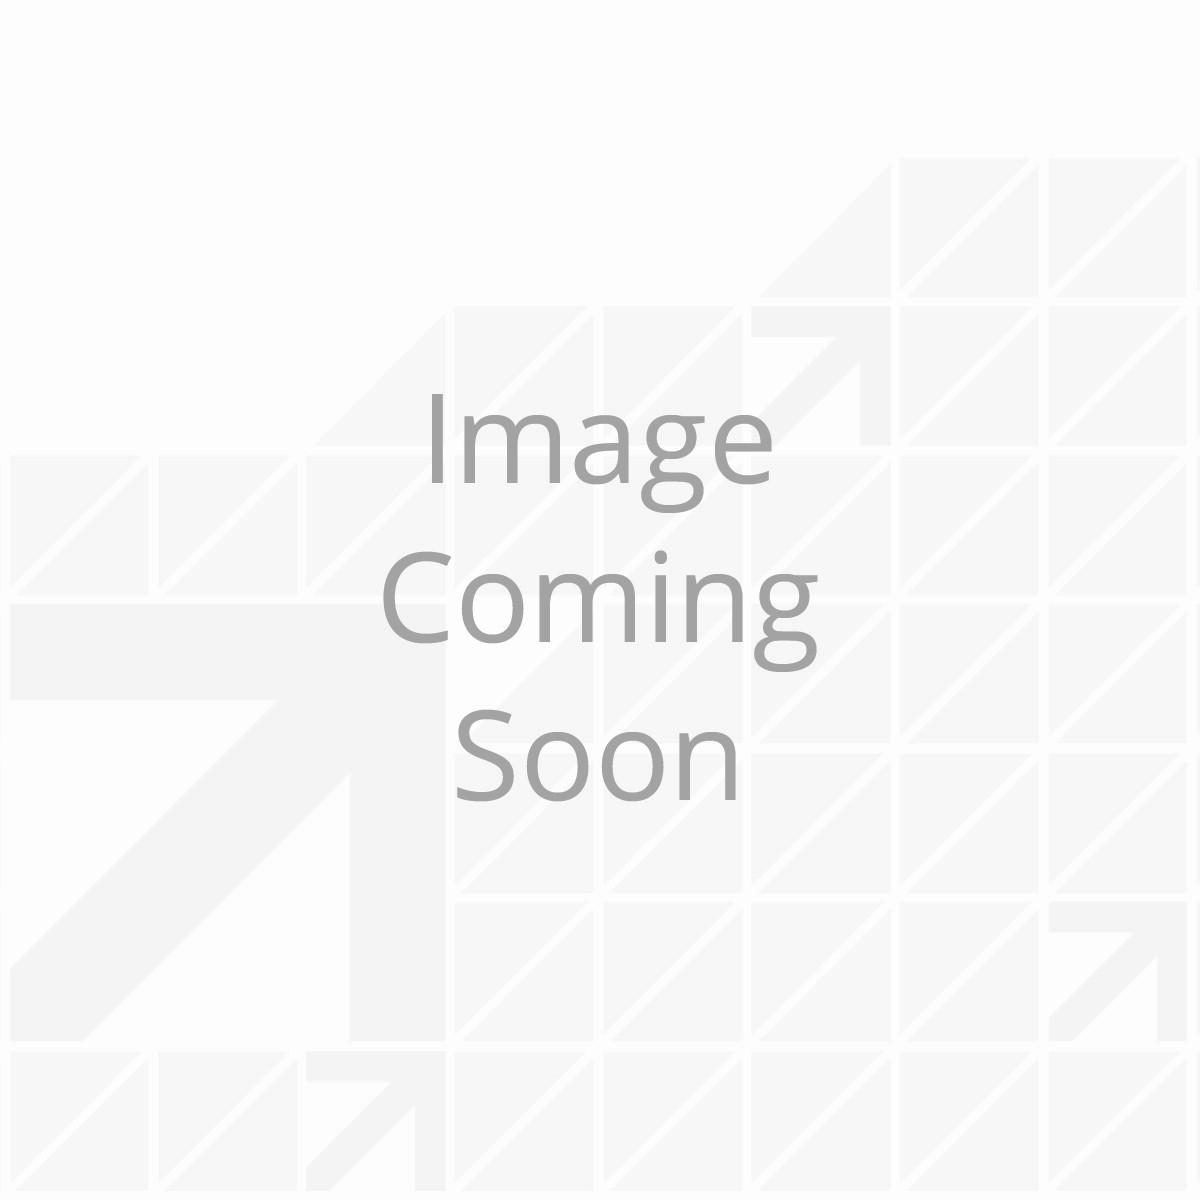 2.66' x 100' SuperFlex, Gray (266.0 SqFt/Roll)